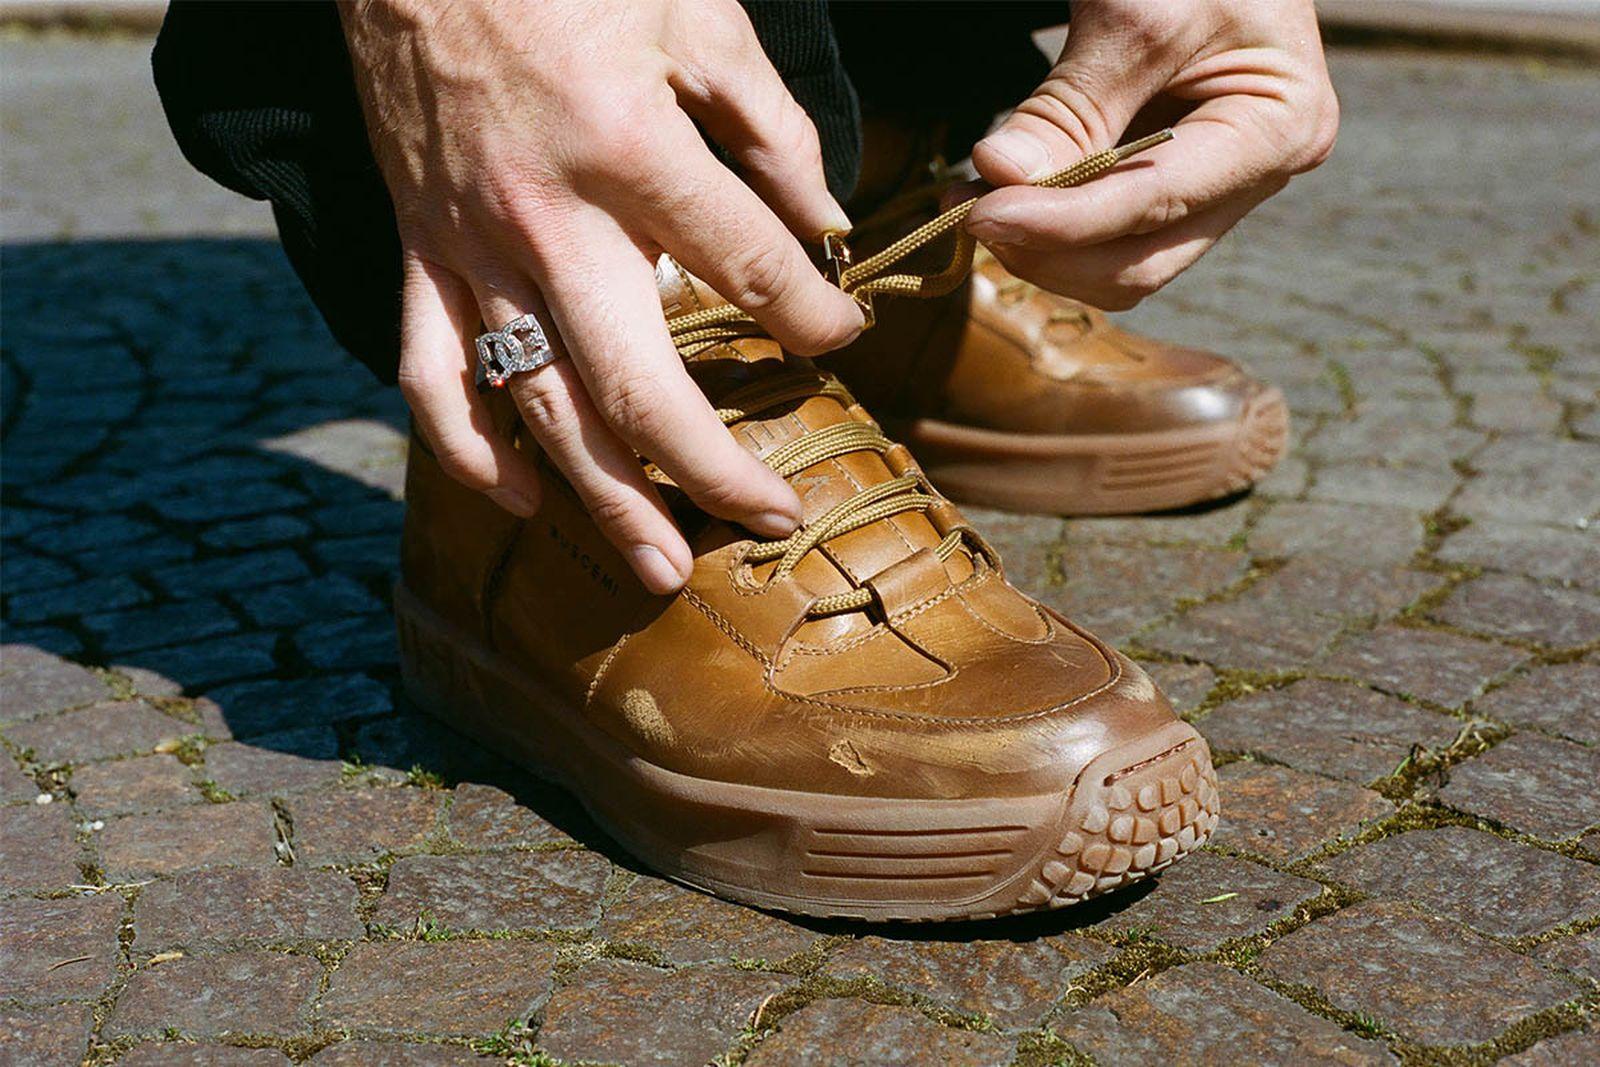 dc-shoes-jon-buscemi-07